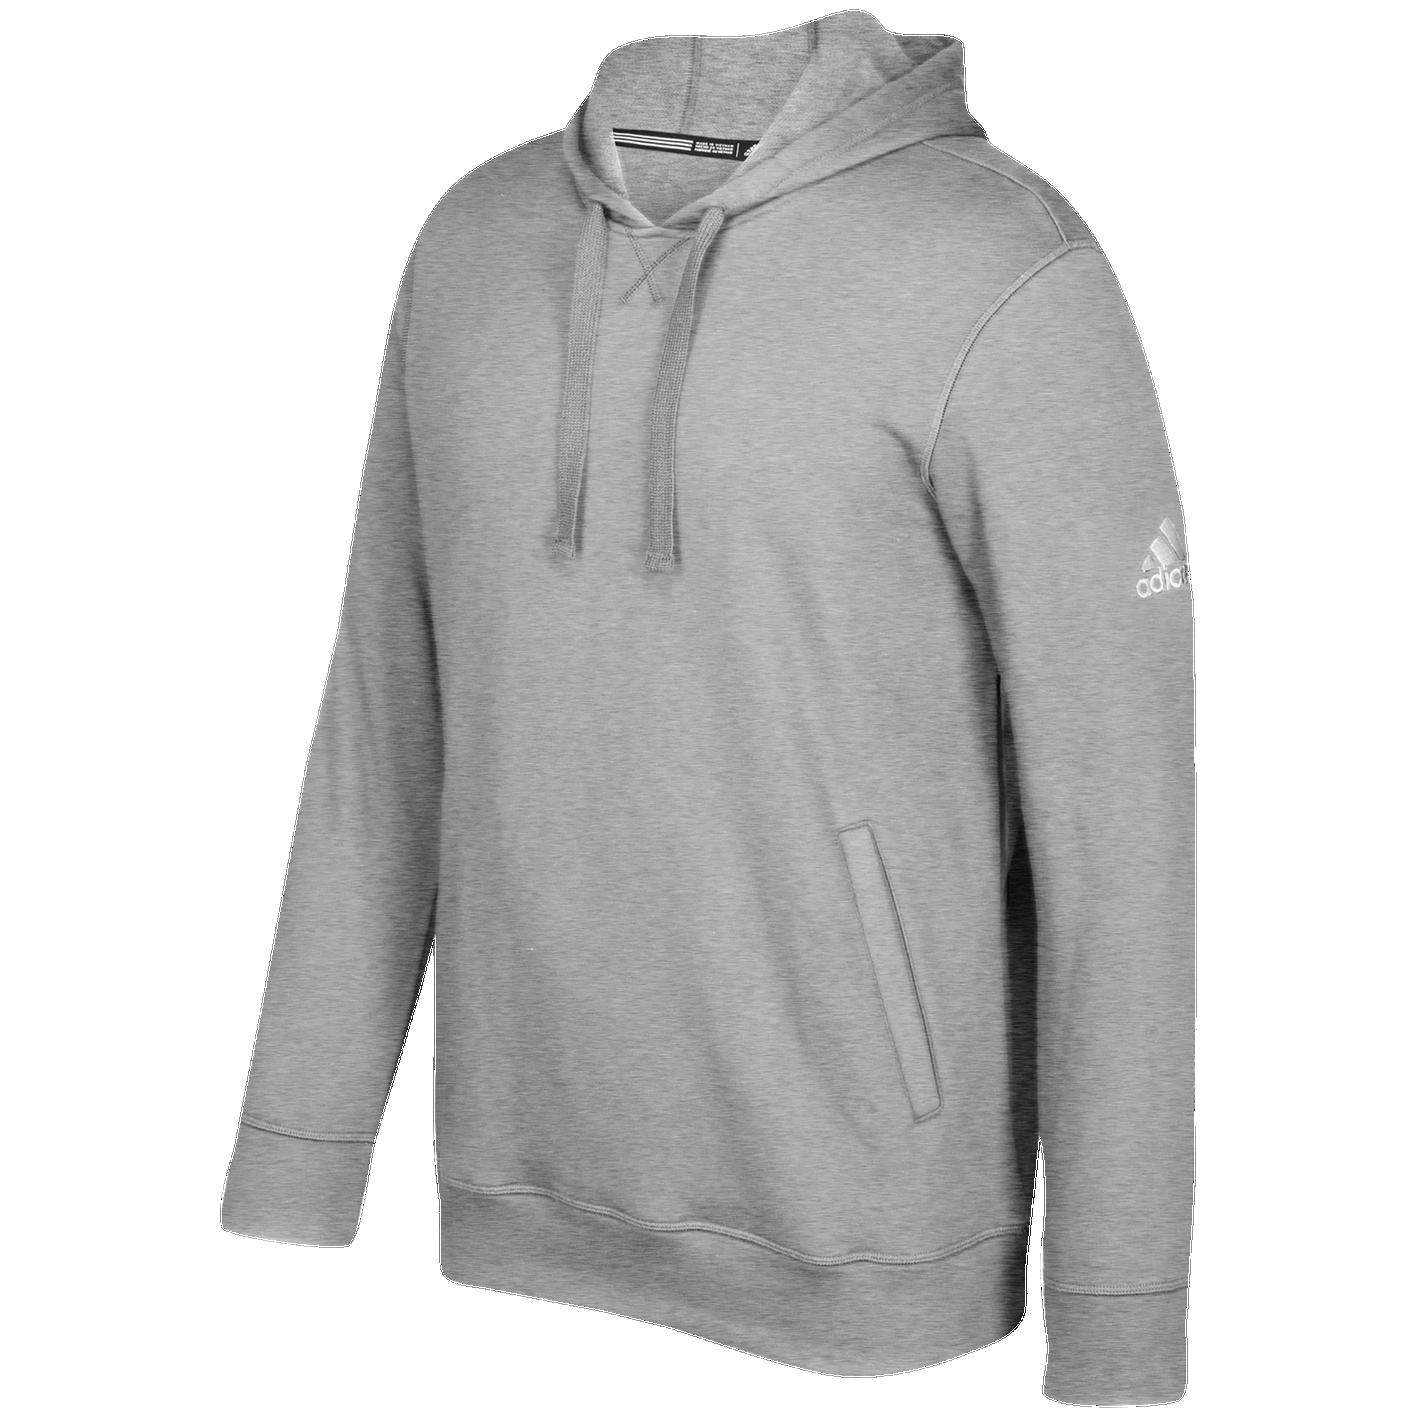 8246b941db349b Fleece Clothing Men's For Sports All Adidas Team Hoodie BtsQxrdhC